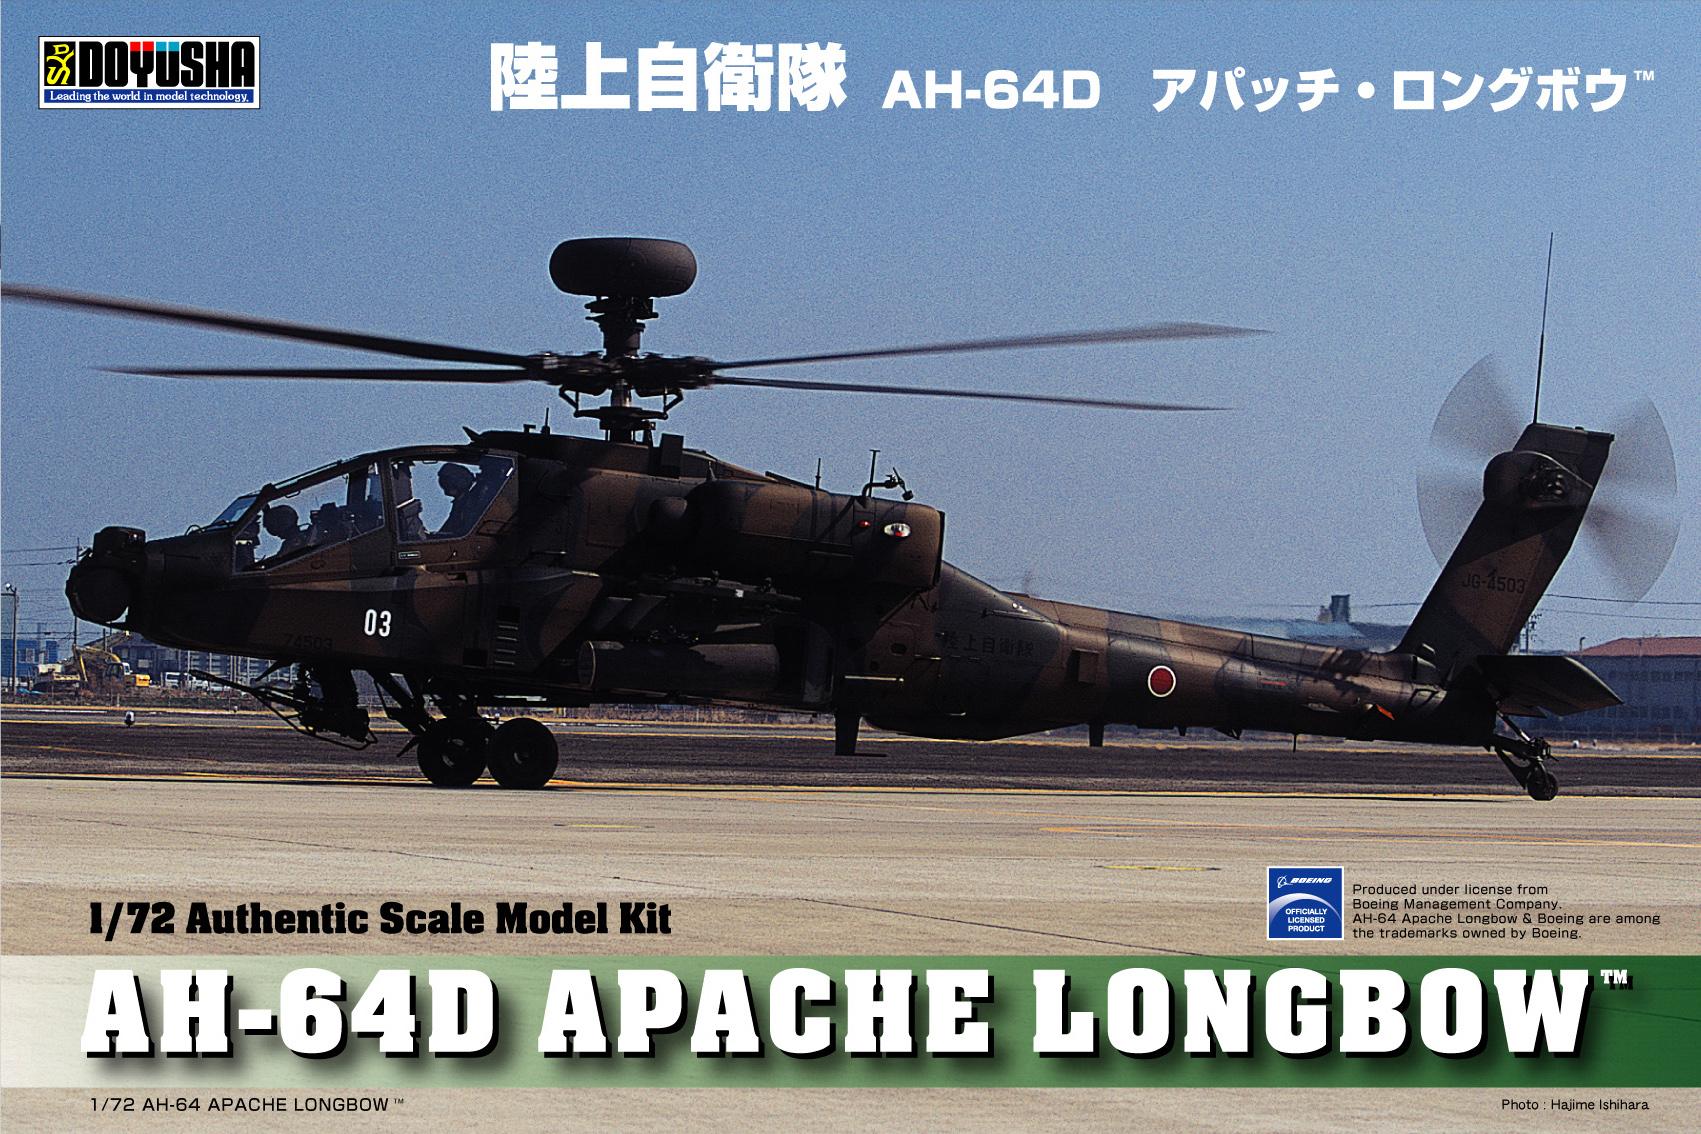 Doyusha JASDF AH-64D APACHE LONGBOW